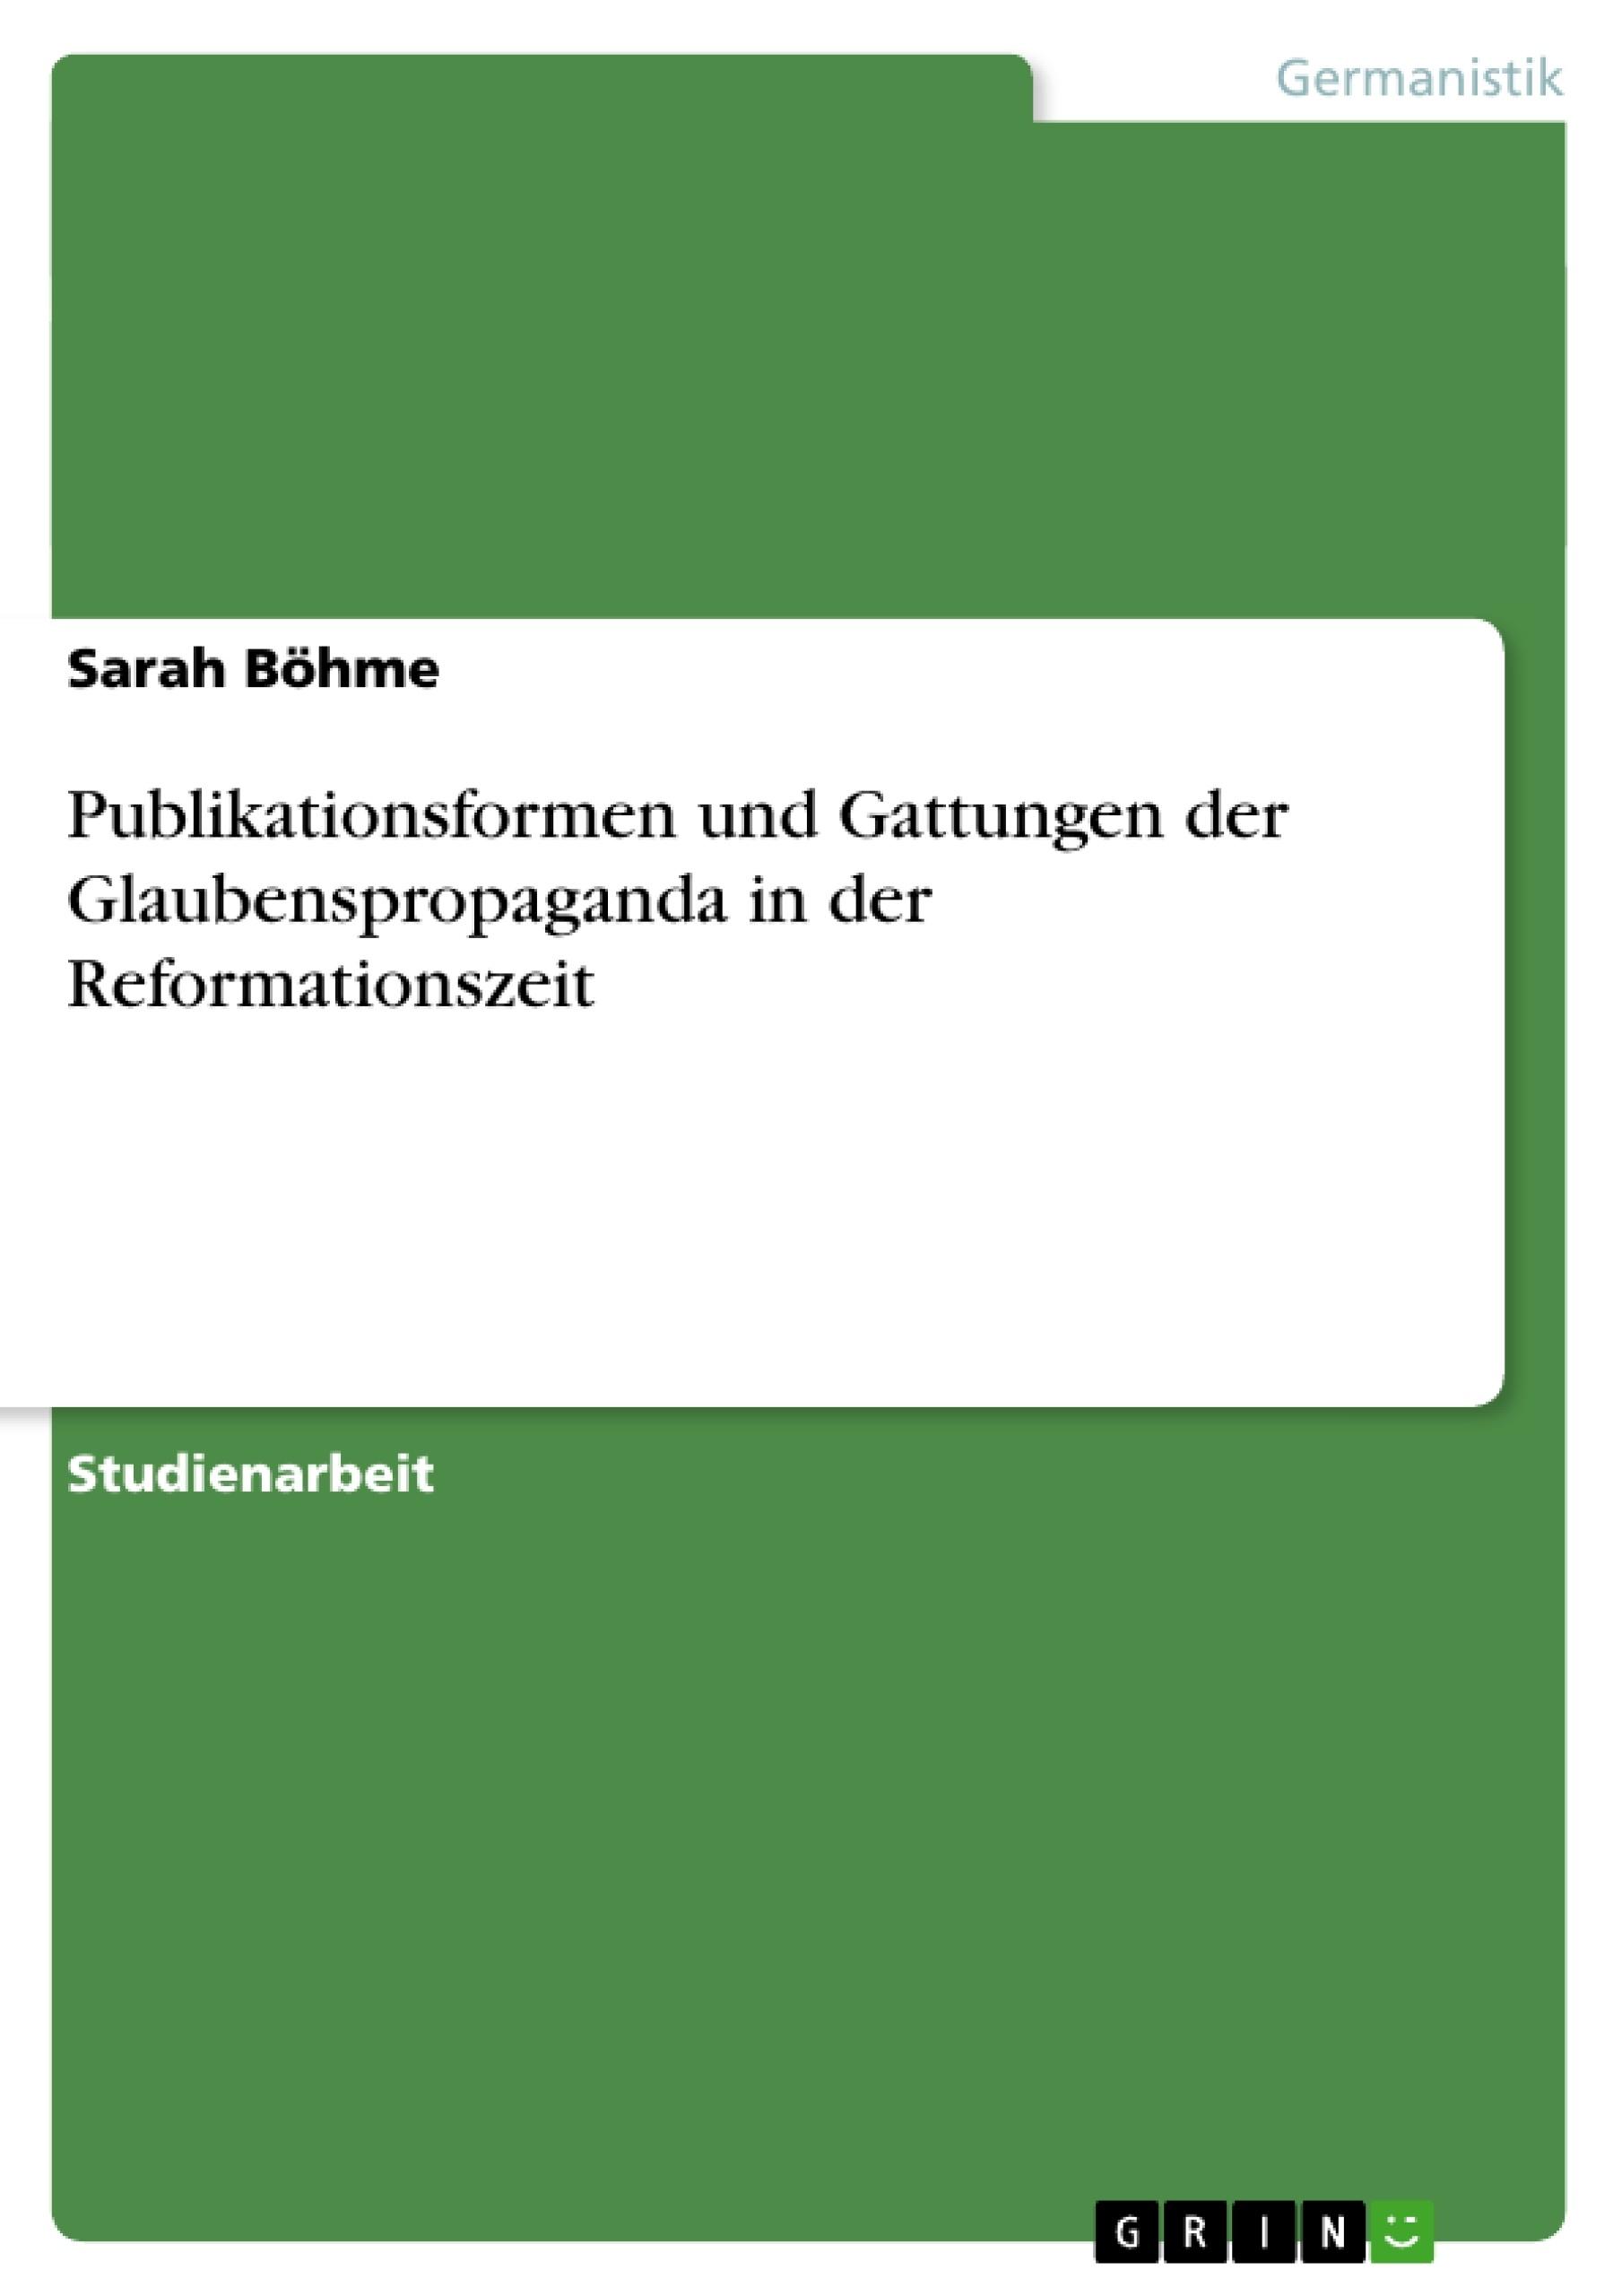 Titel: Publikationsformen und Gattungen der Glaubenspropaganda in der Reformationszeit